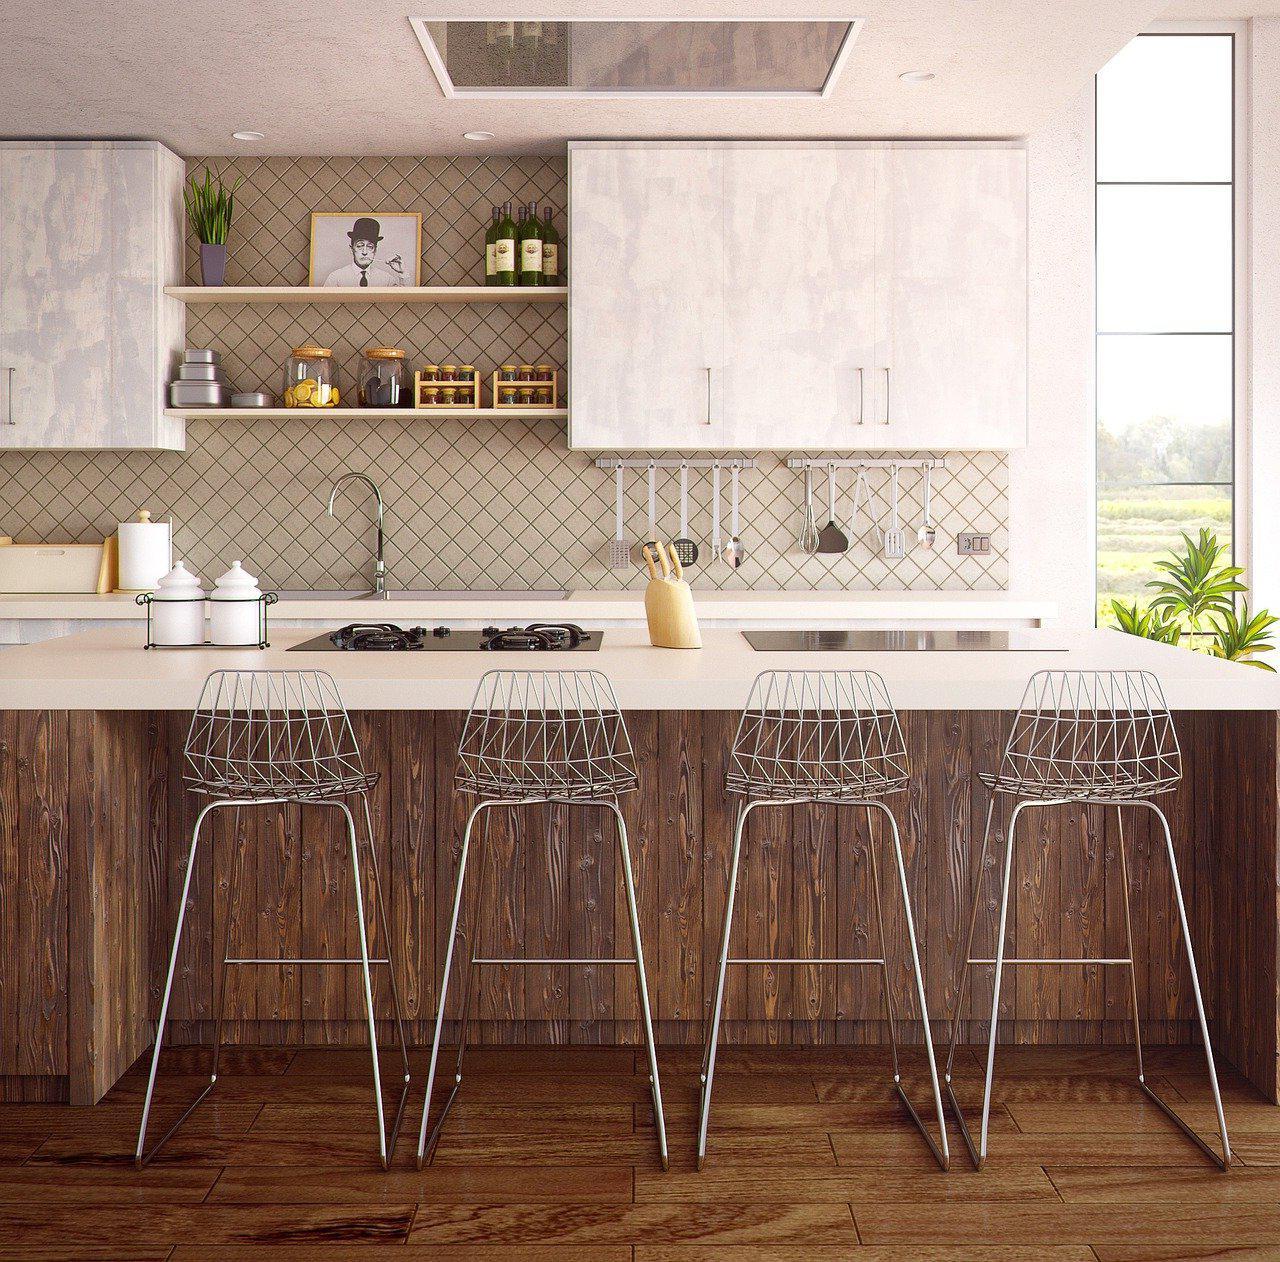 Rénovation de cuisine à Fontenay-le-Fleury 78330 : Les tarifs